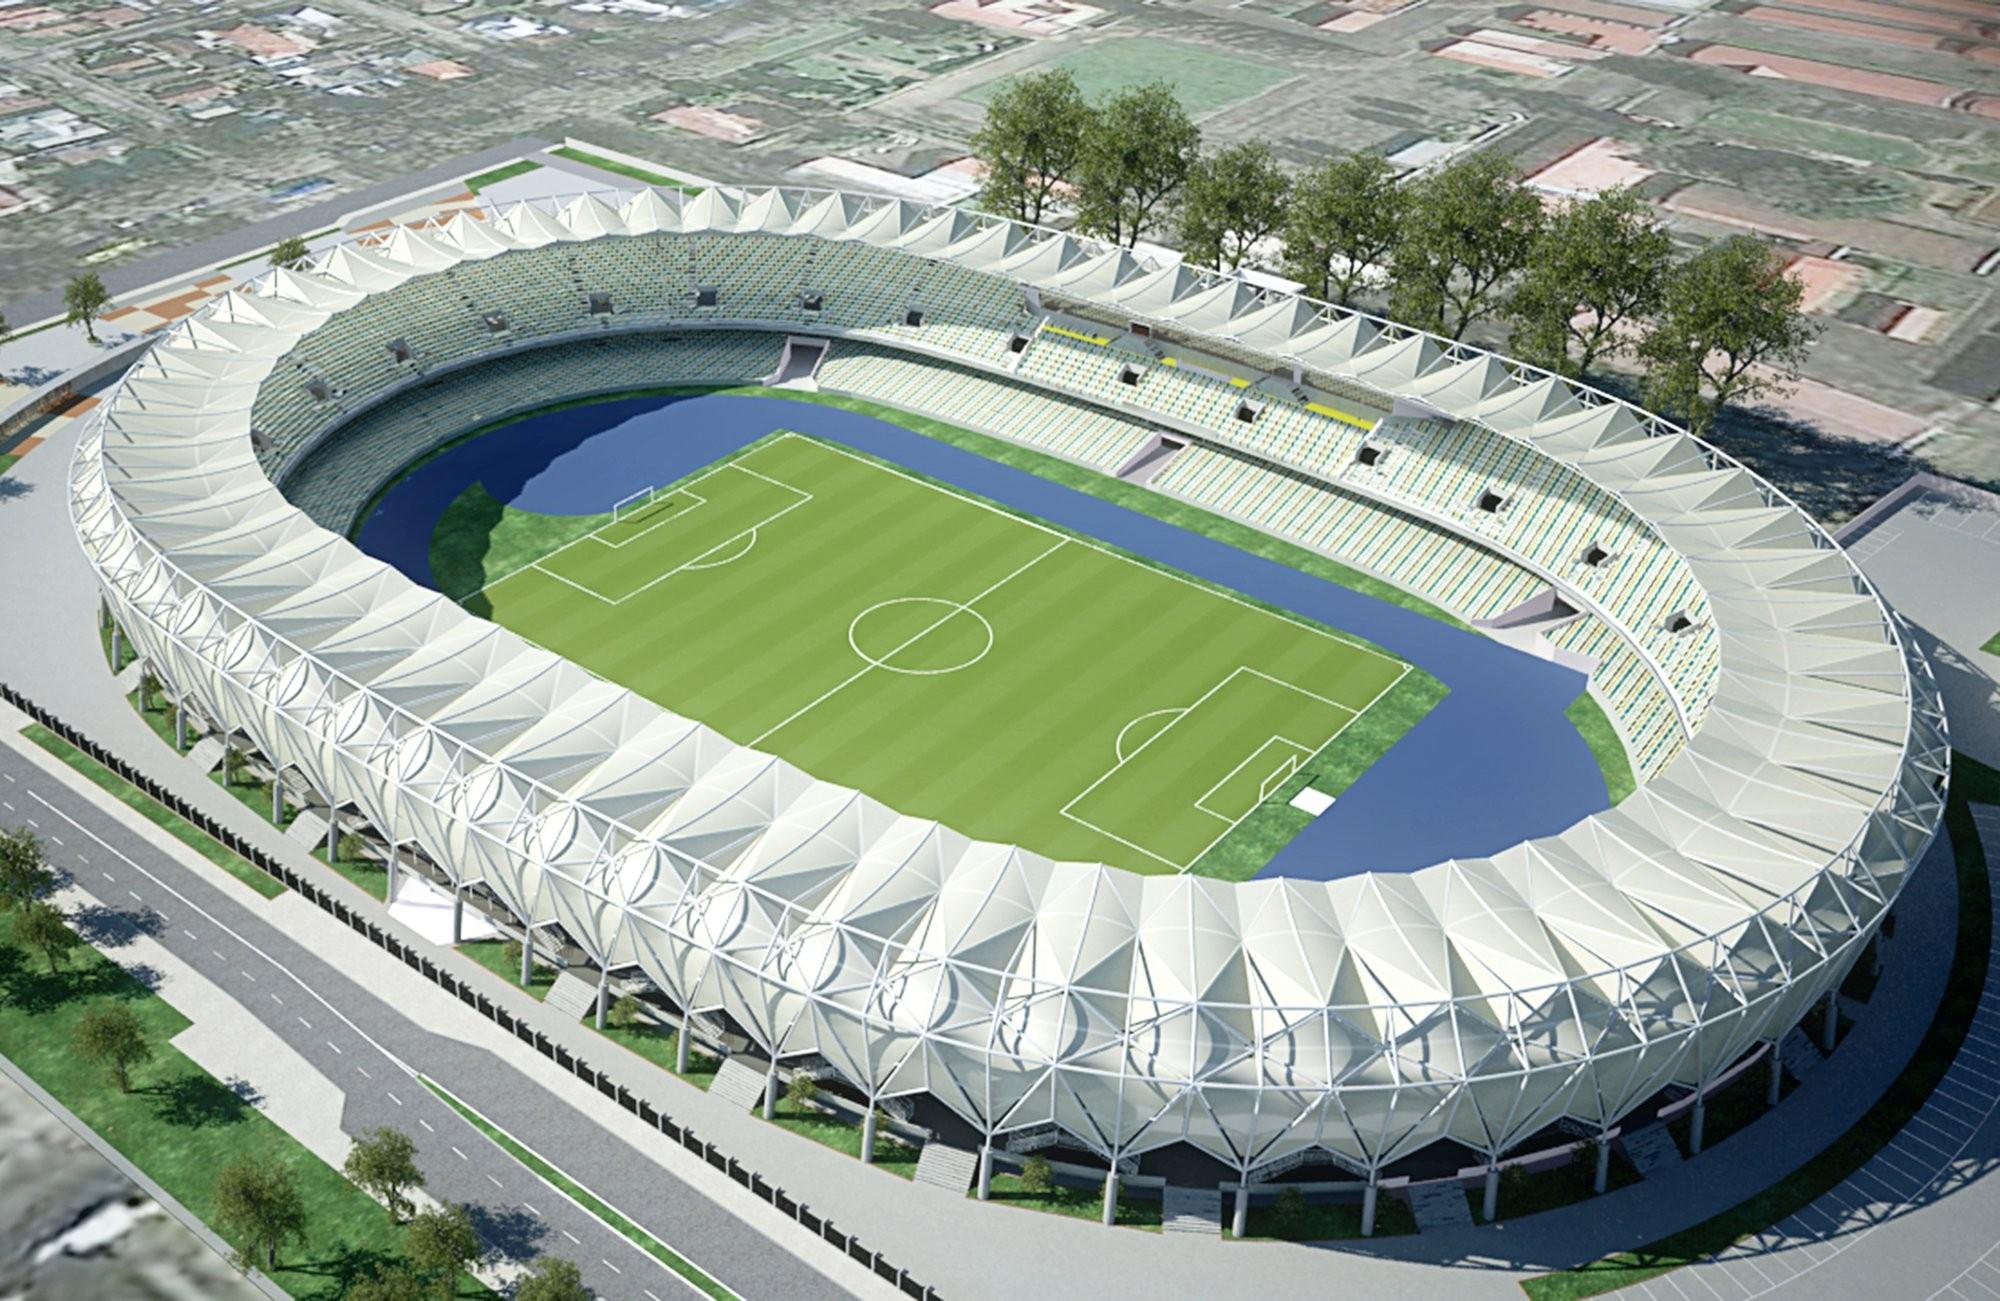 Estadio Ester Roa de Concepción (Proyecto Inicial). Image Cortesia de Instituto Nacional de Deportes